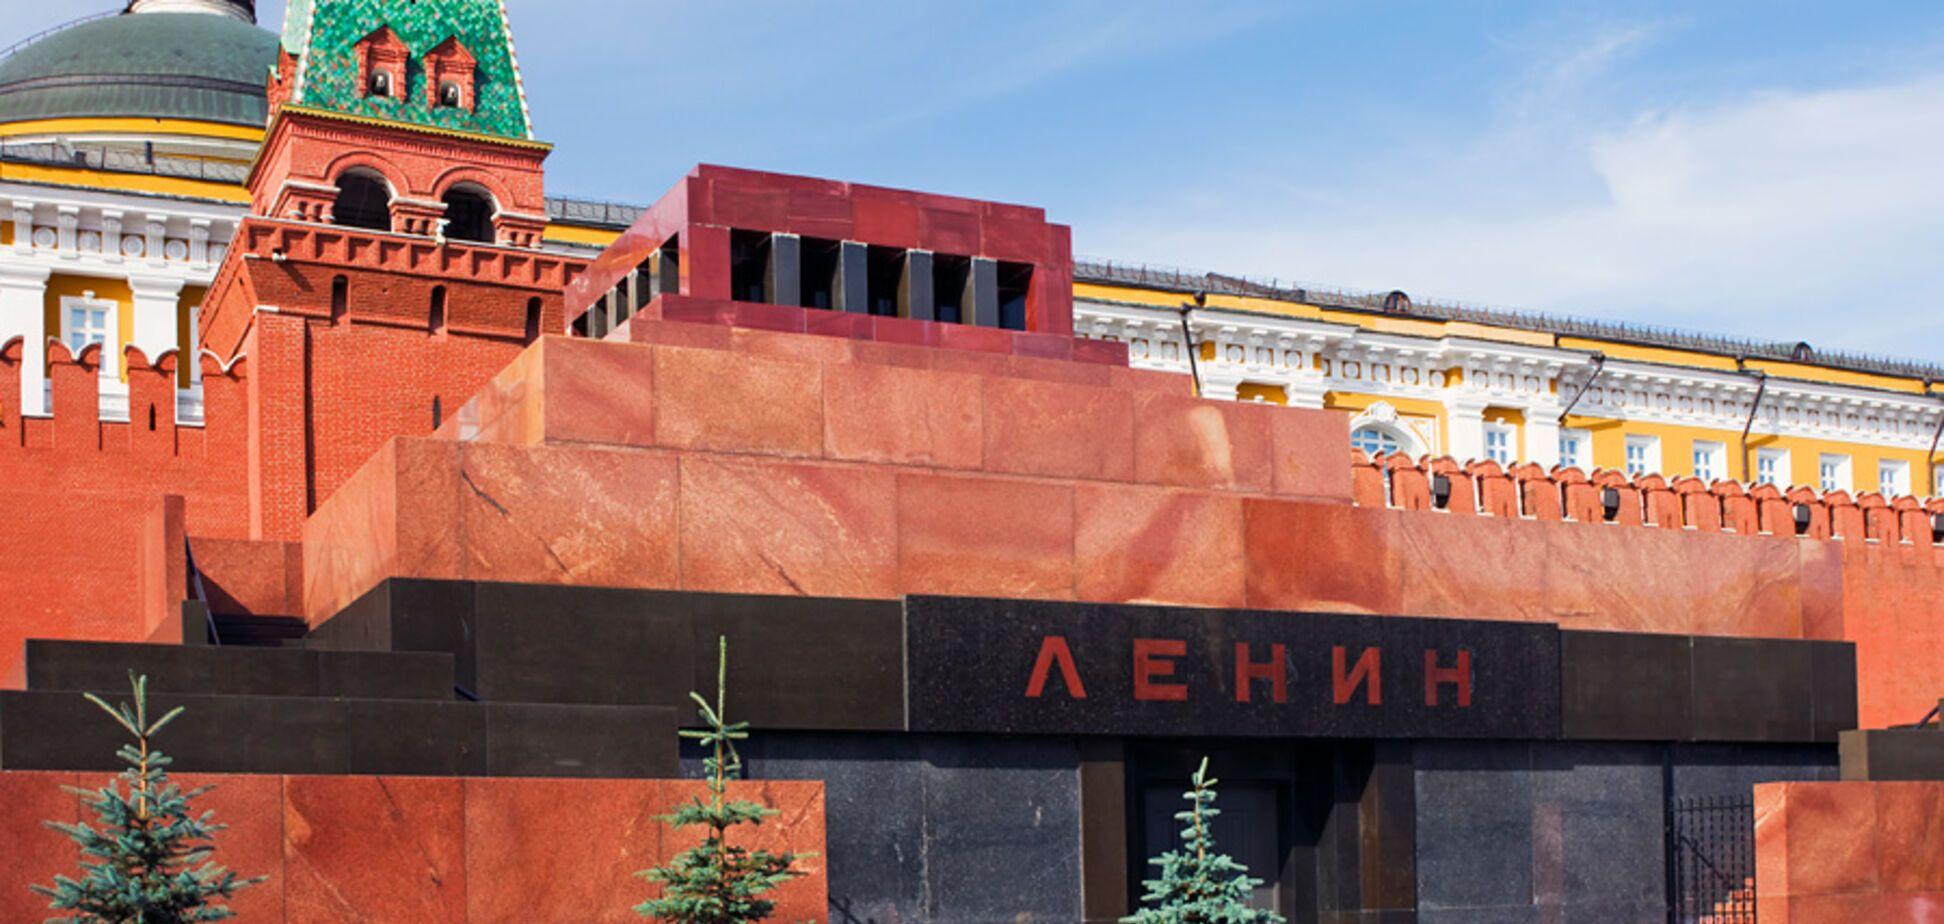 Мавзолей Ленина нужно закрыть и демонтировать